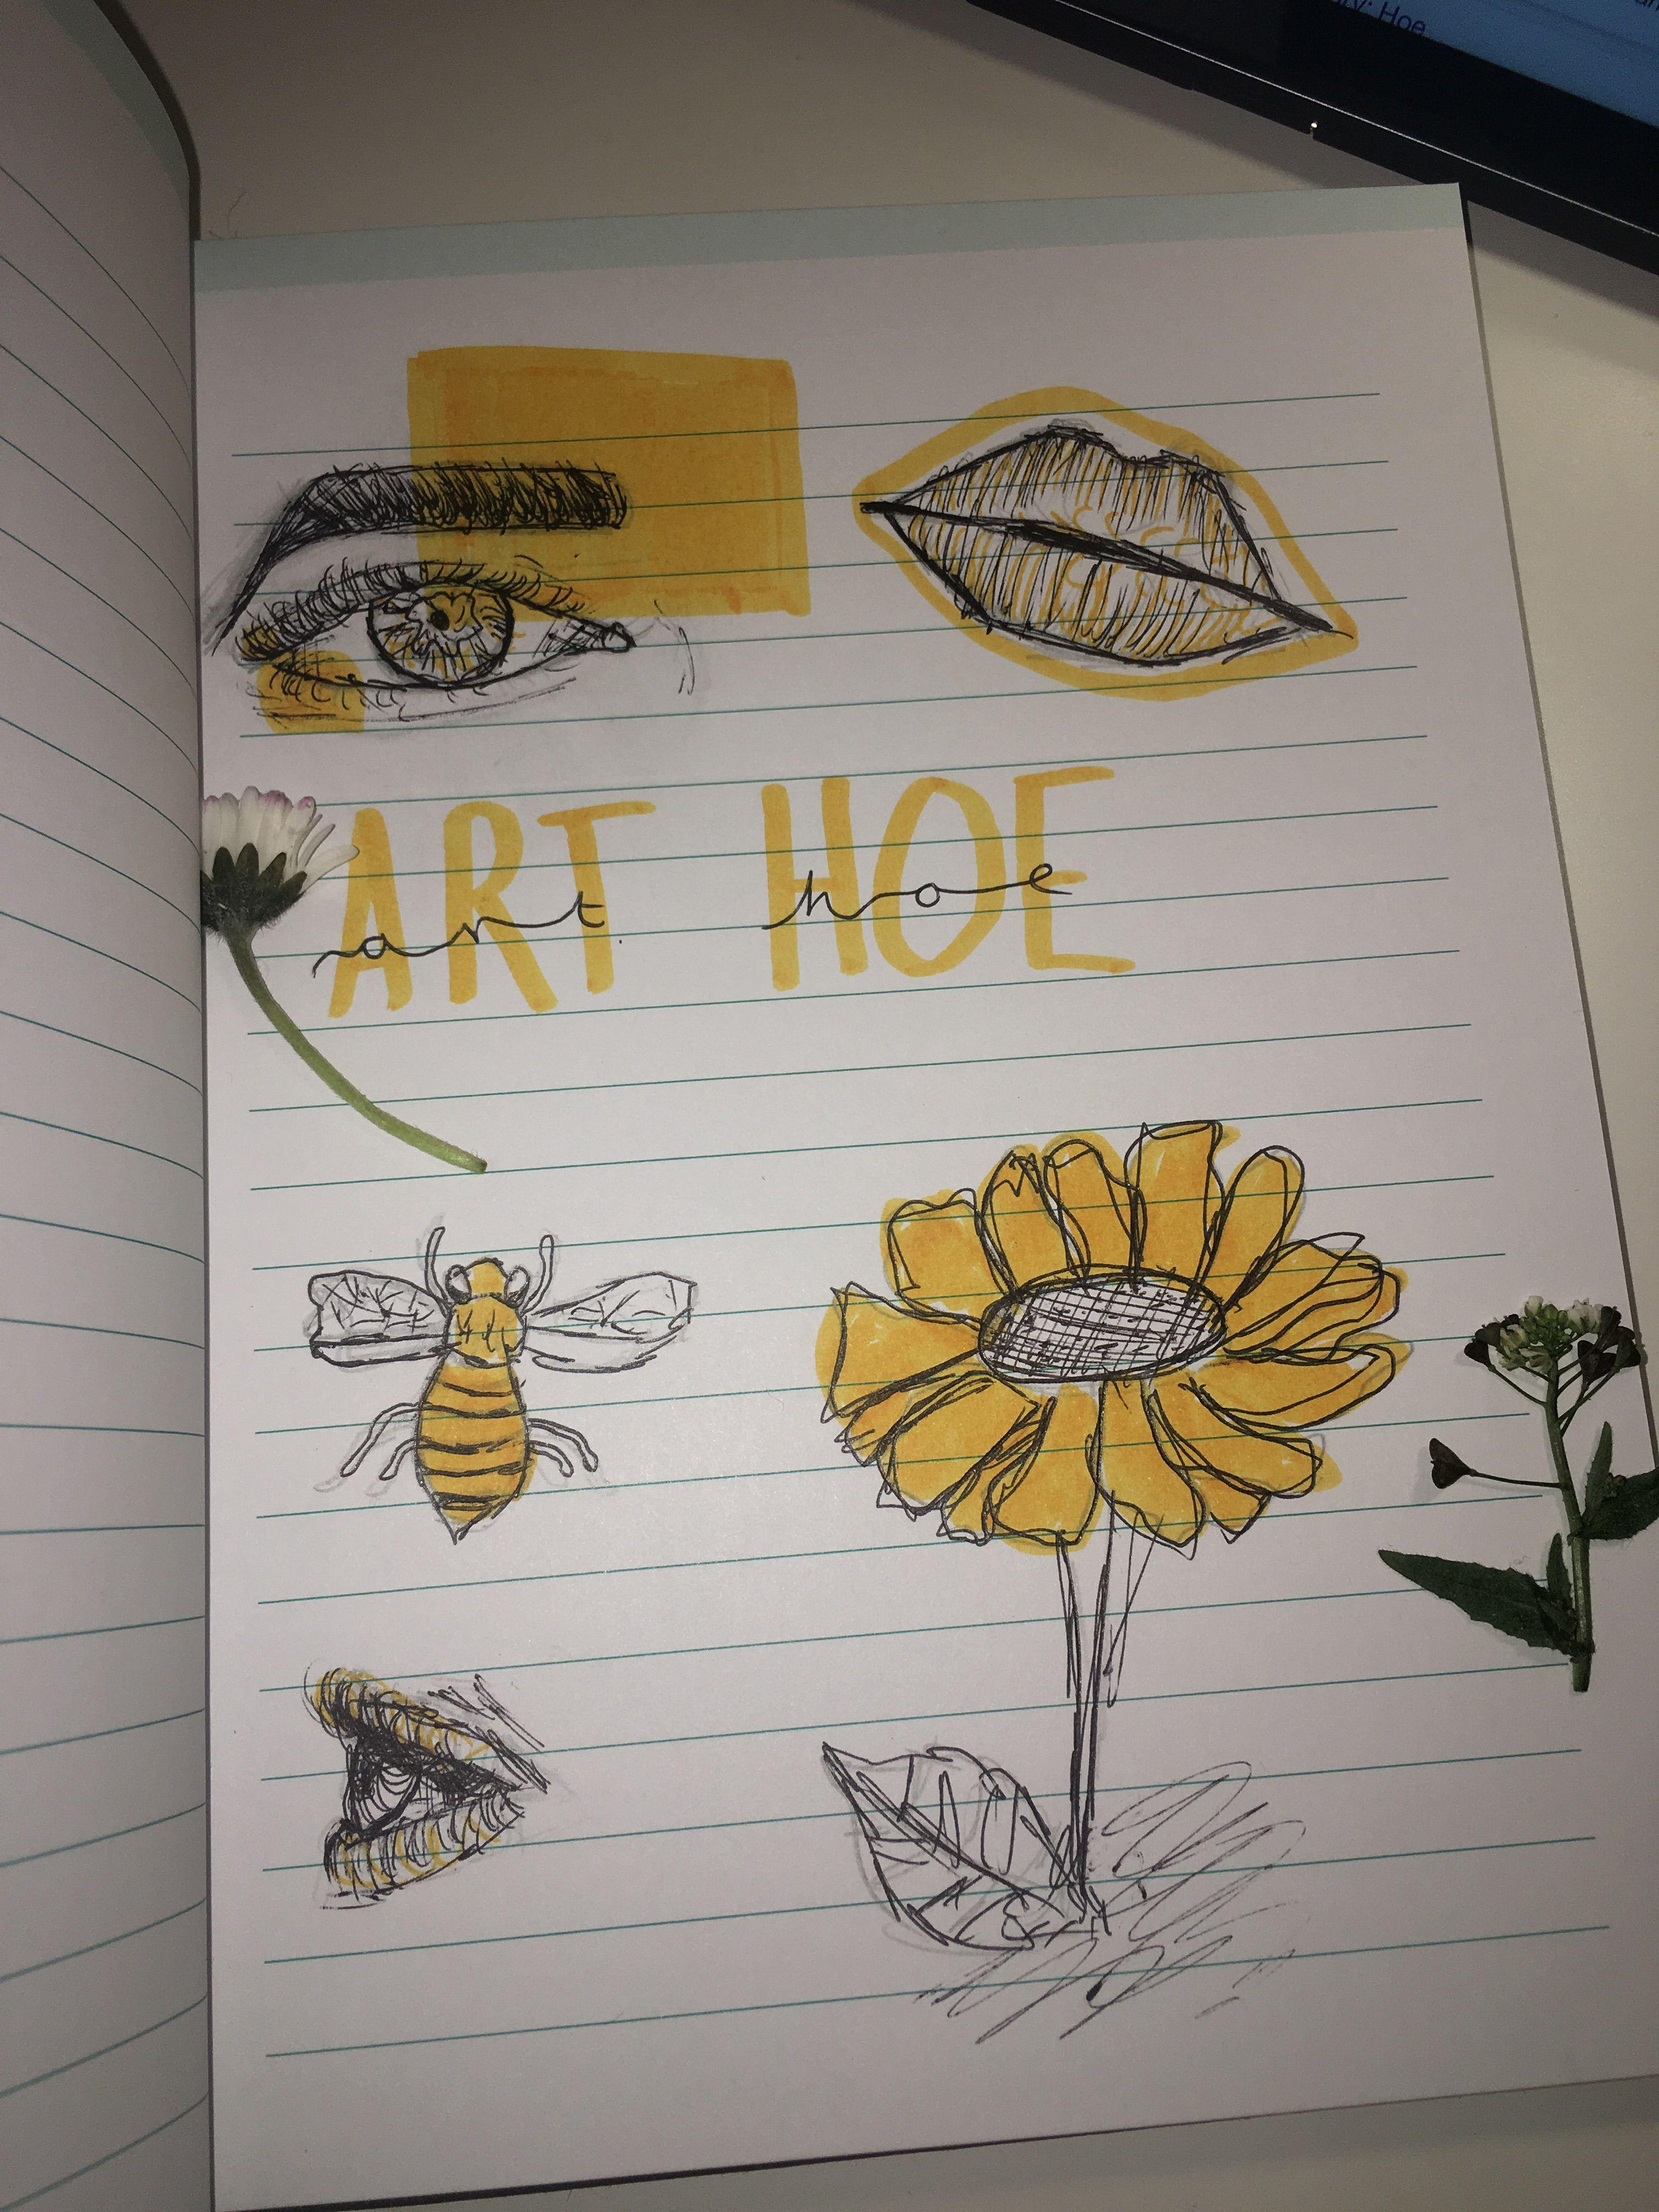 ART HOEEEE drawings by Yuki